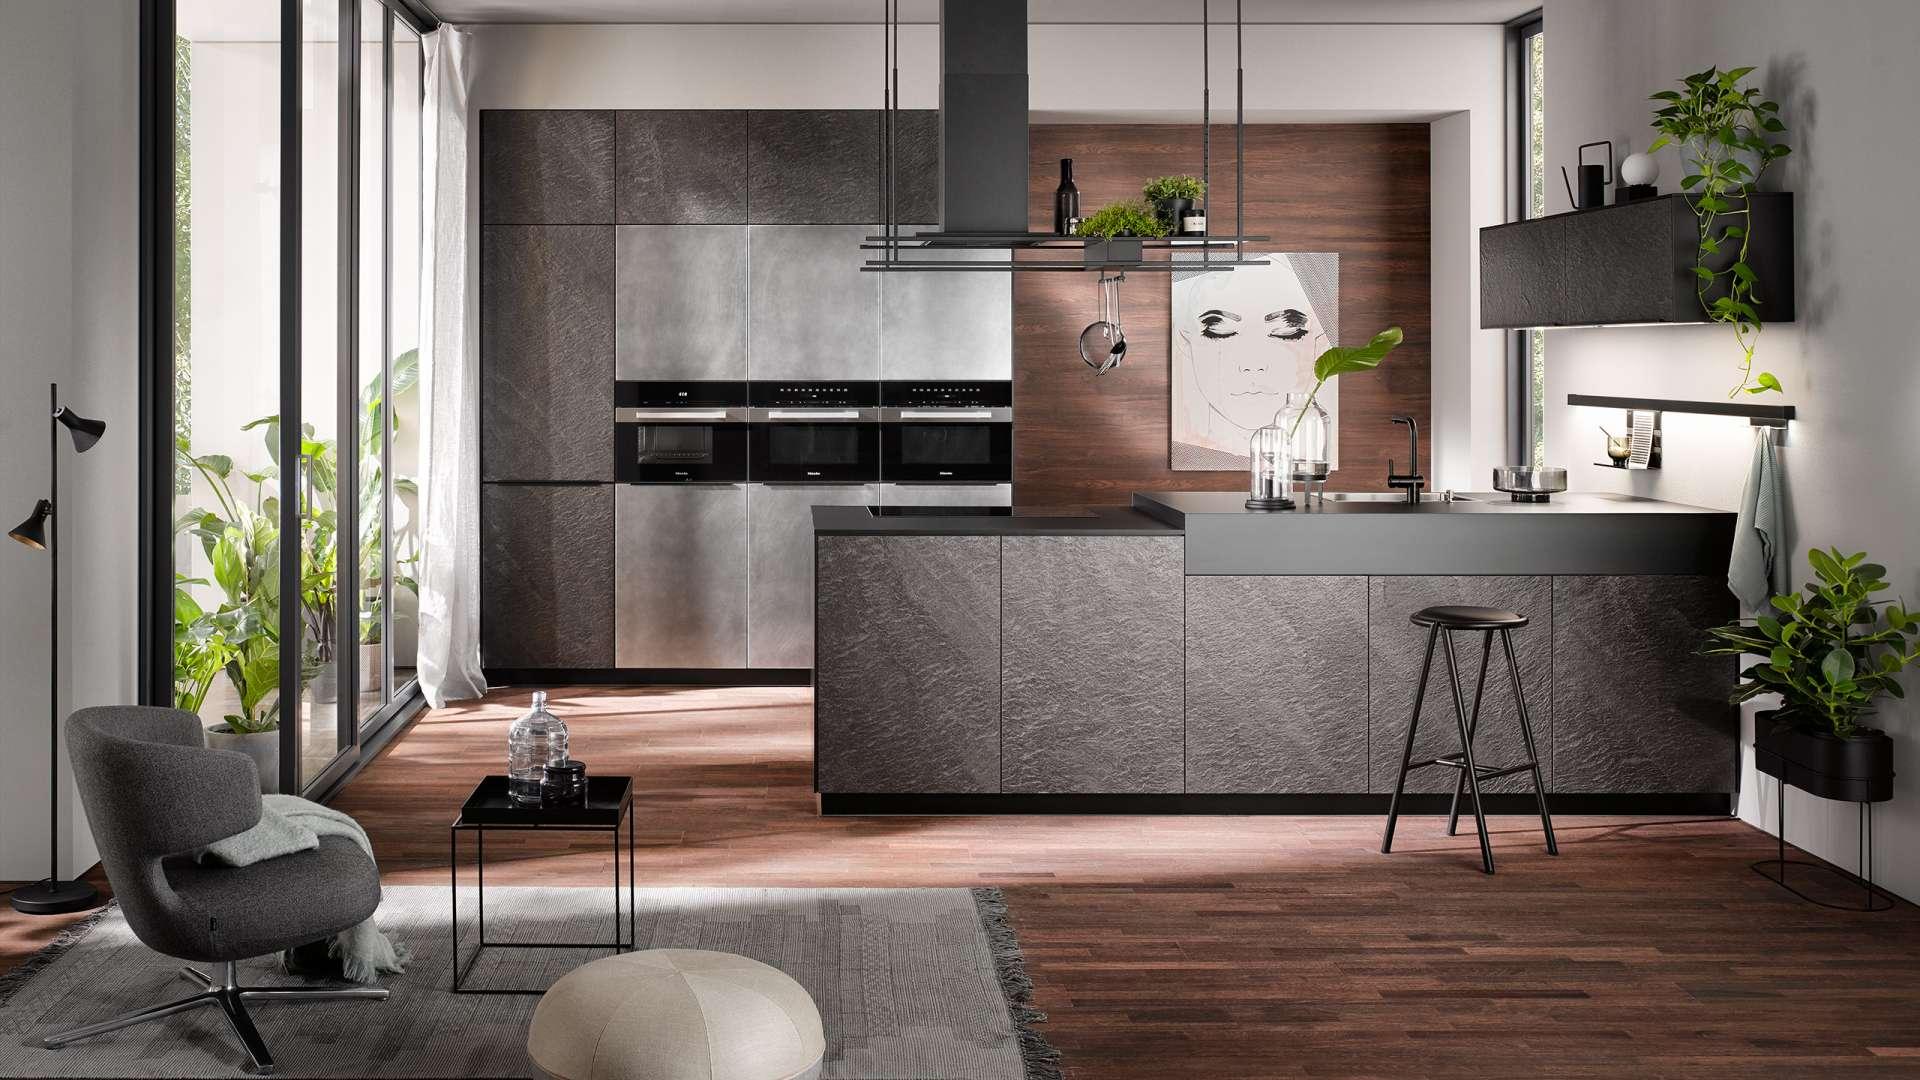 Häcker Design Küchen in der Küchenwelt preissegger in Wolfsberg und Klagenfurt/Kärnten